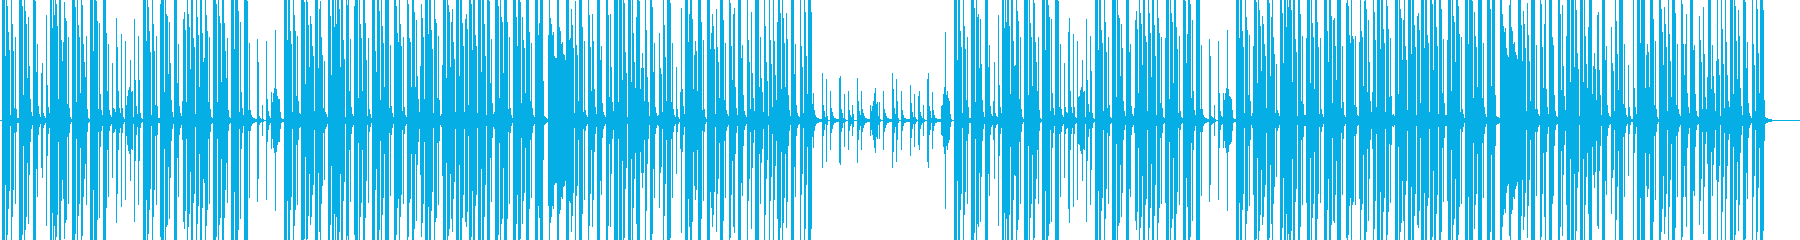 まったりとした休日みたいなBGMの再生済みの波形